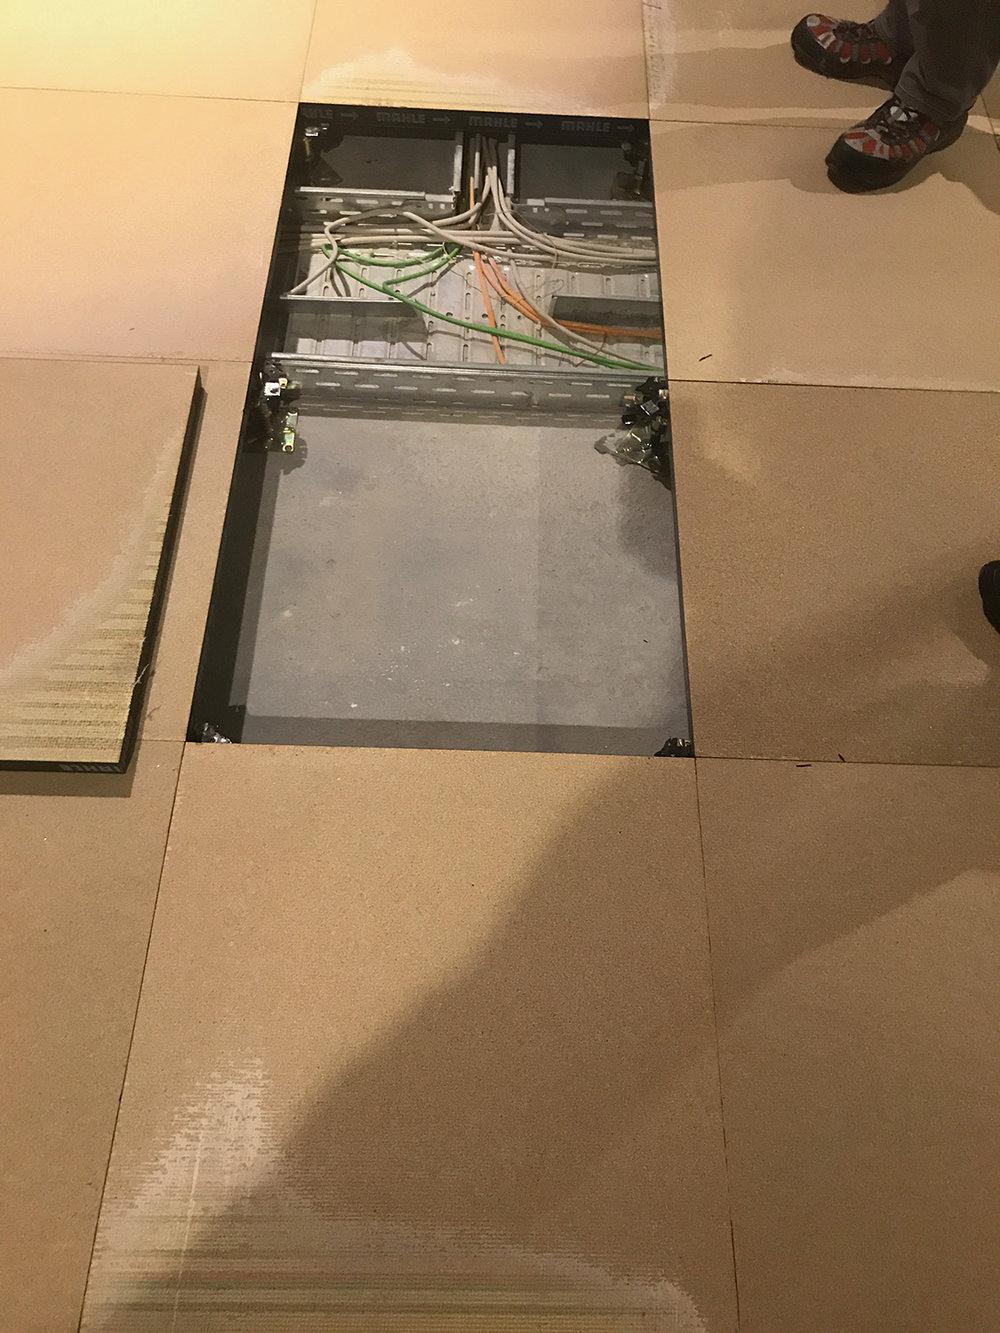 Sanierung-Doppelboden-SL-Fliesen-Vorwerk-Varia-Bedruckt-OVERNIGHT-DOBO-schälen-Teppichfliesen-verlegen-Koblenz.jpg